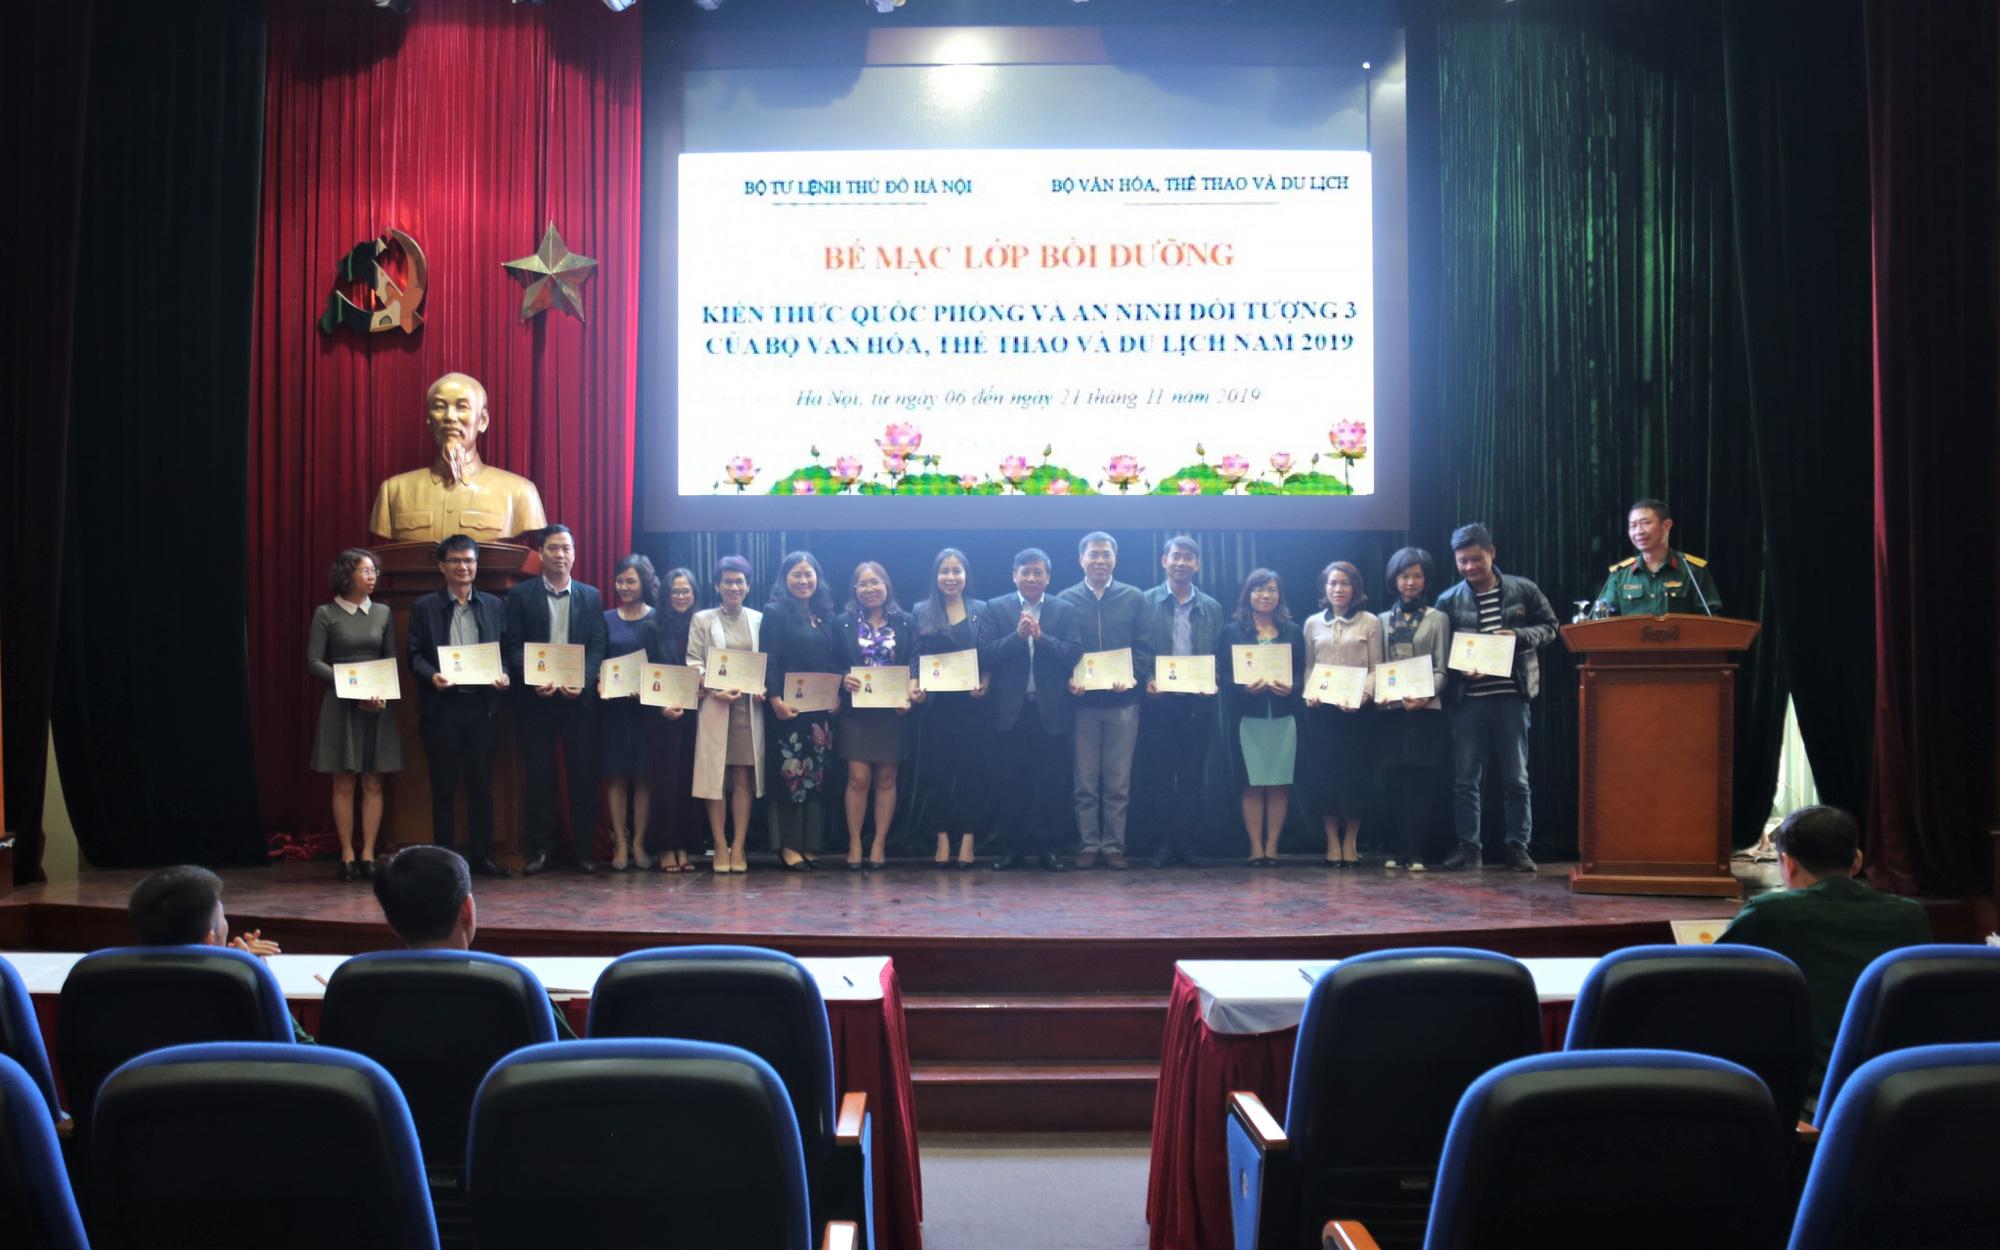 Bế giảng Lớp Bồi dưỡng kiến thức quốc phòng và an ninh cho cán bộ đối tượng 3 của Bộ VHTTDL